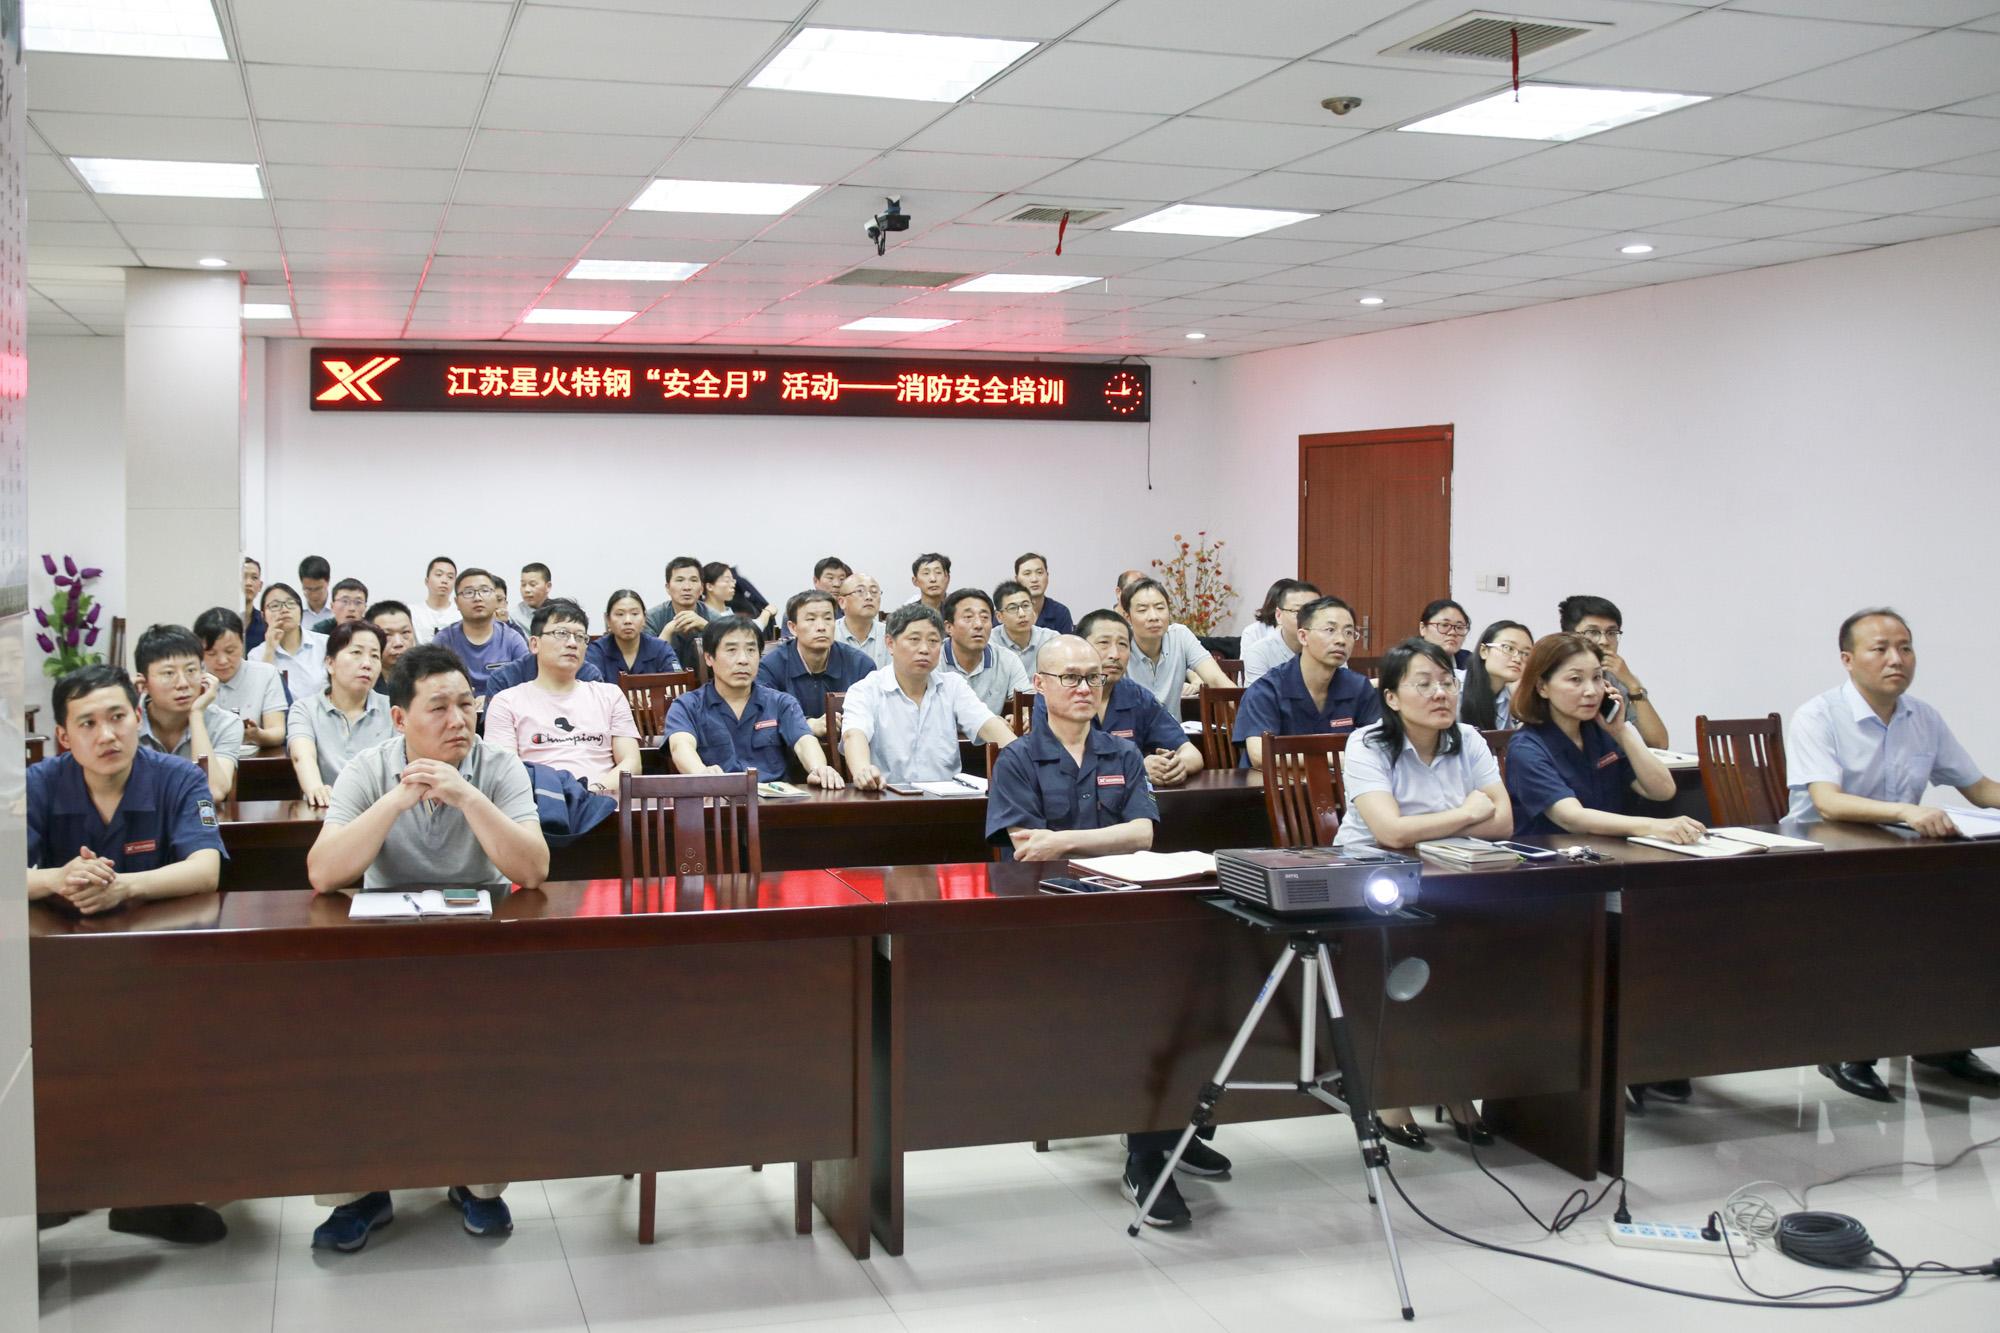 """江蘇星火特鋼""""安全生產月""""開展消防知識安全培訓"""